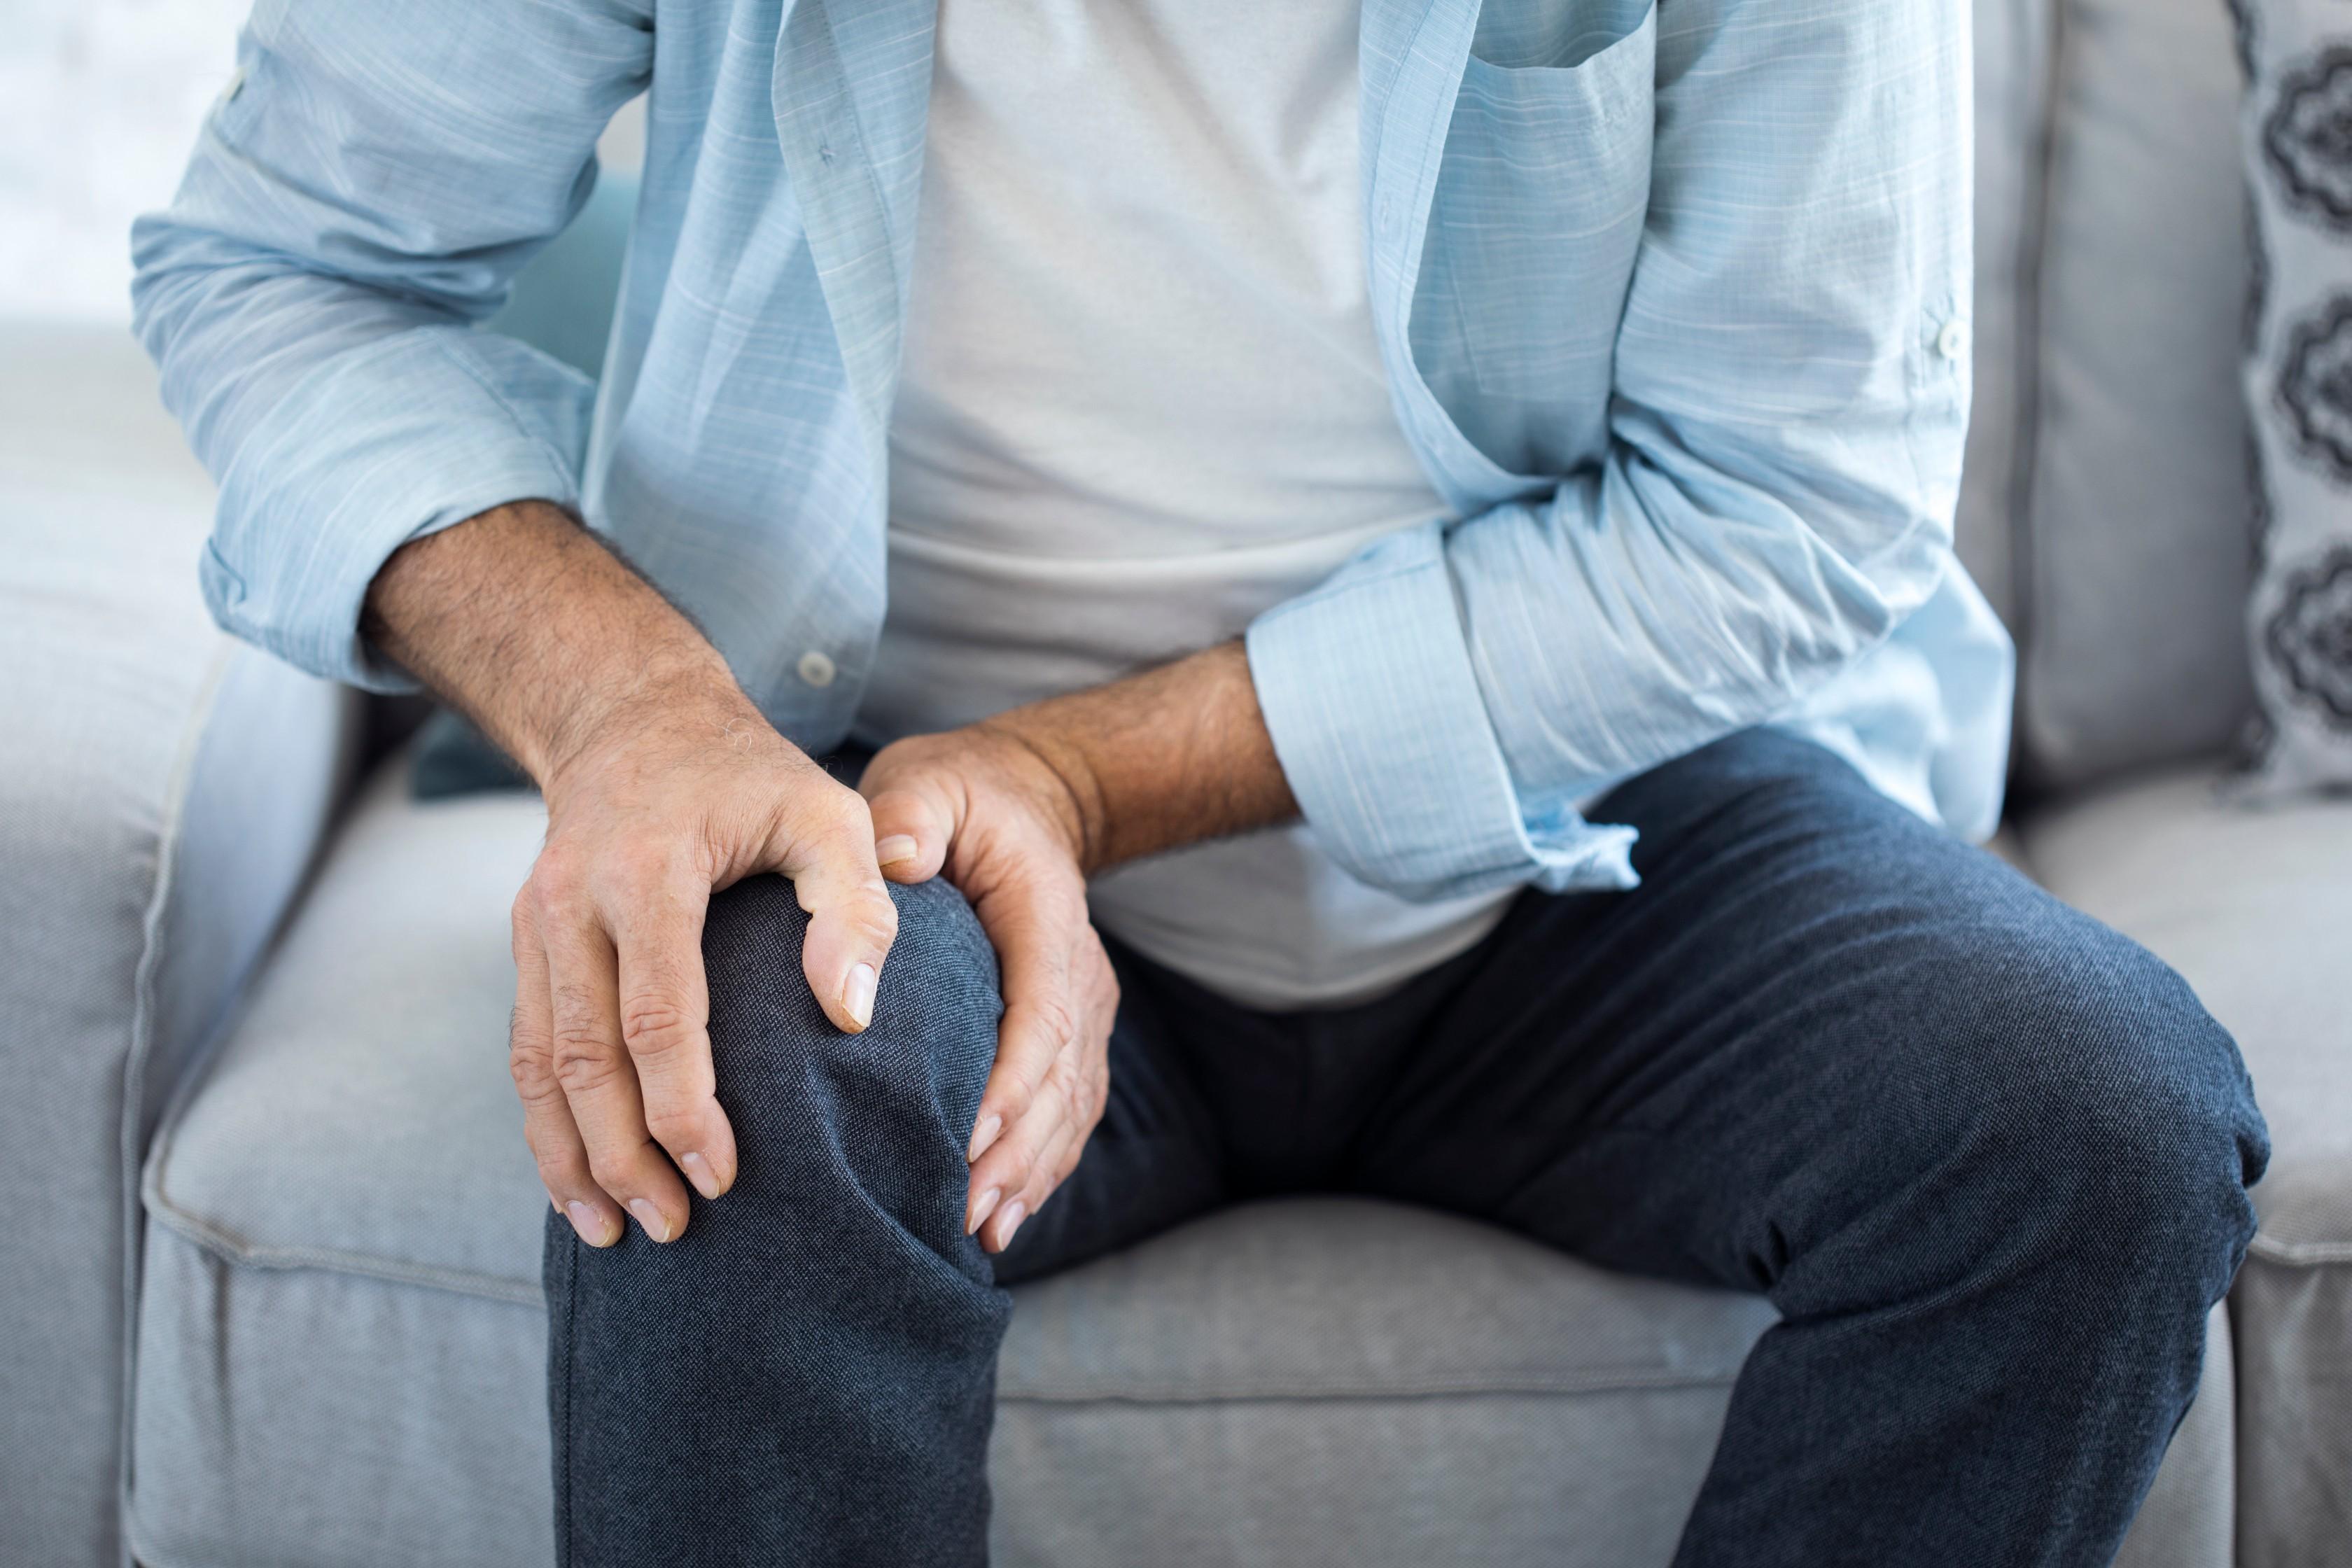 gyógyítja a lábak ízületeiben fellépő súlyos fájdalmakat a boka ligamentumainak károsodása